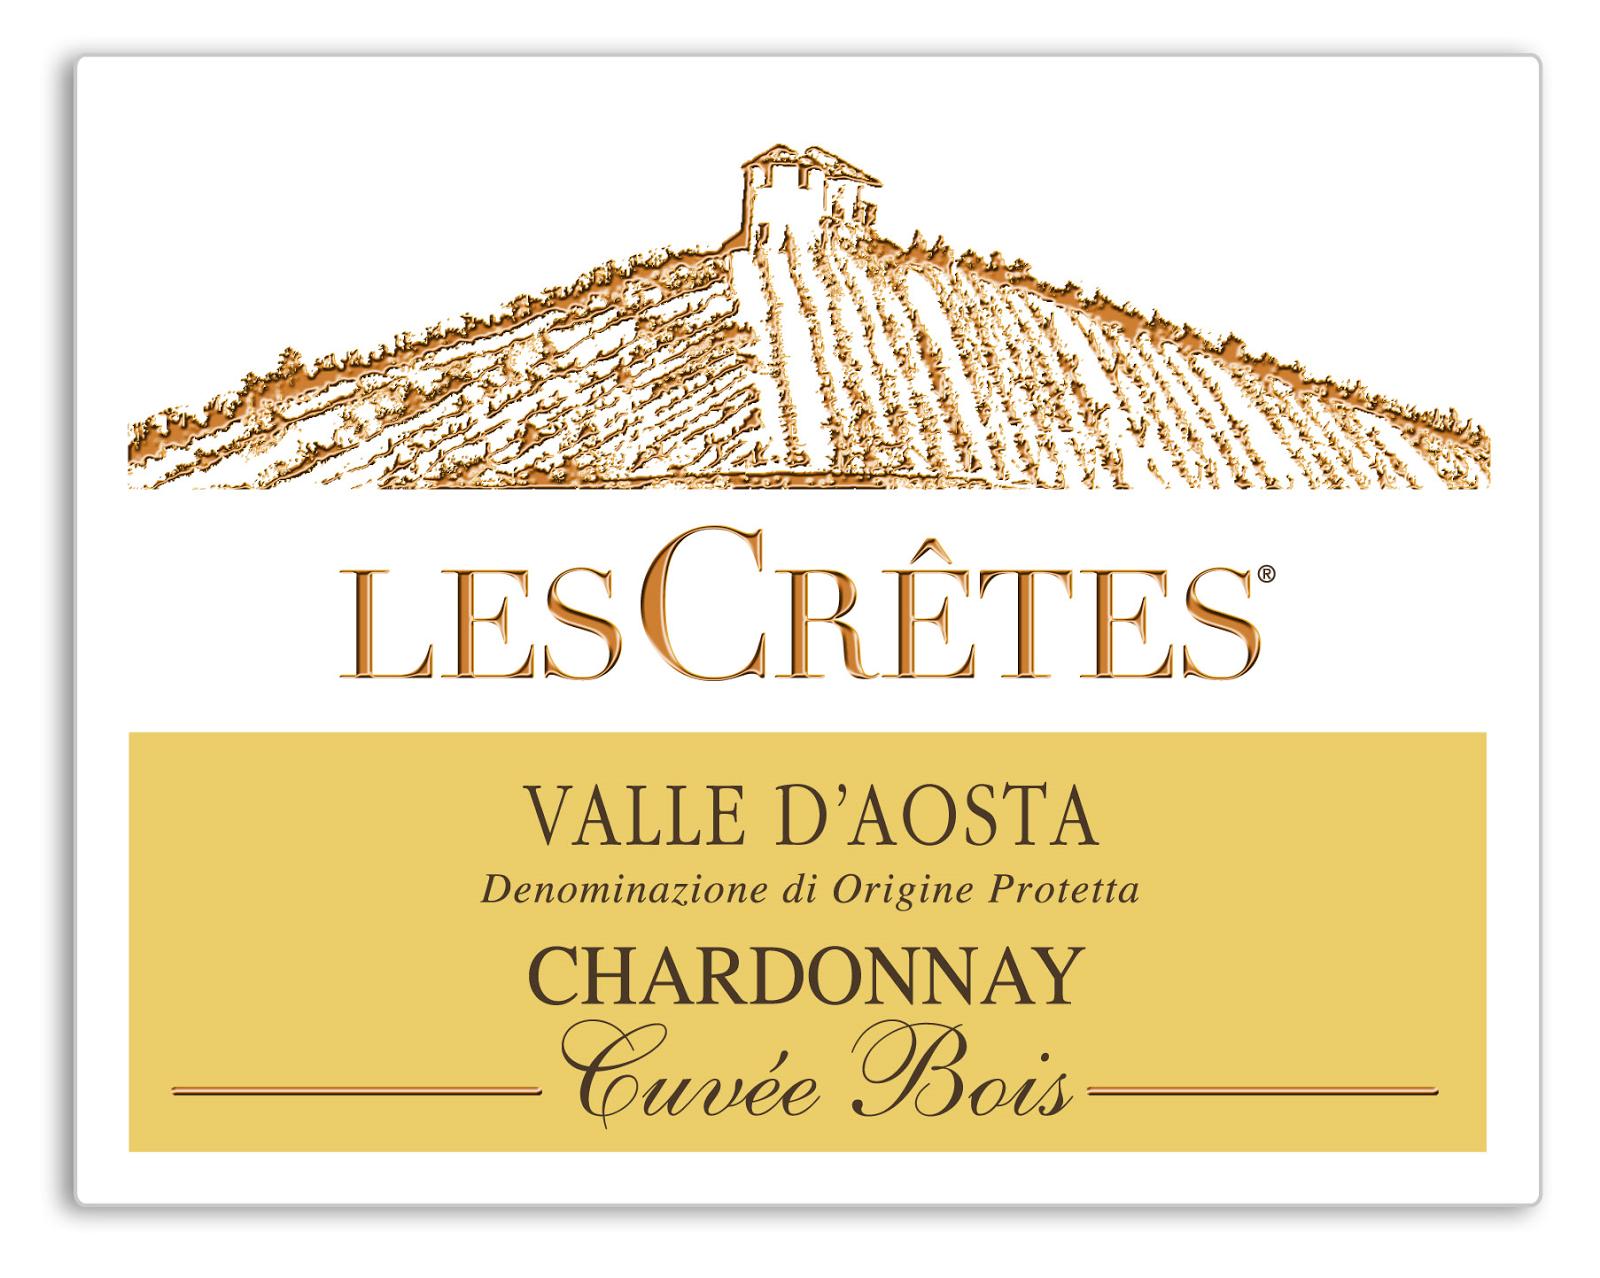 ImpresaVda: #ChardonnayCuvéeBois Di #LesCrêtes Secondo Fra Vini I  #B39018 1600 1278 Classifica Delle Migliori Marche Di Cucine Italiane